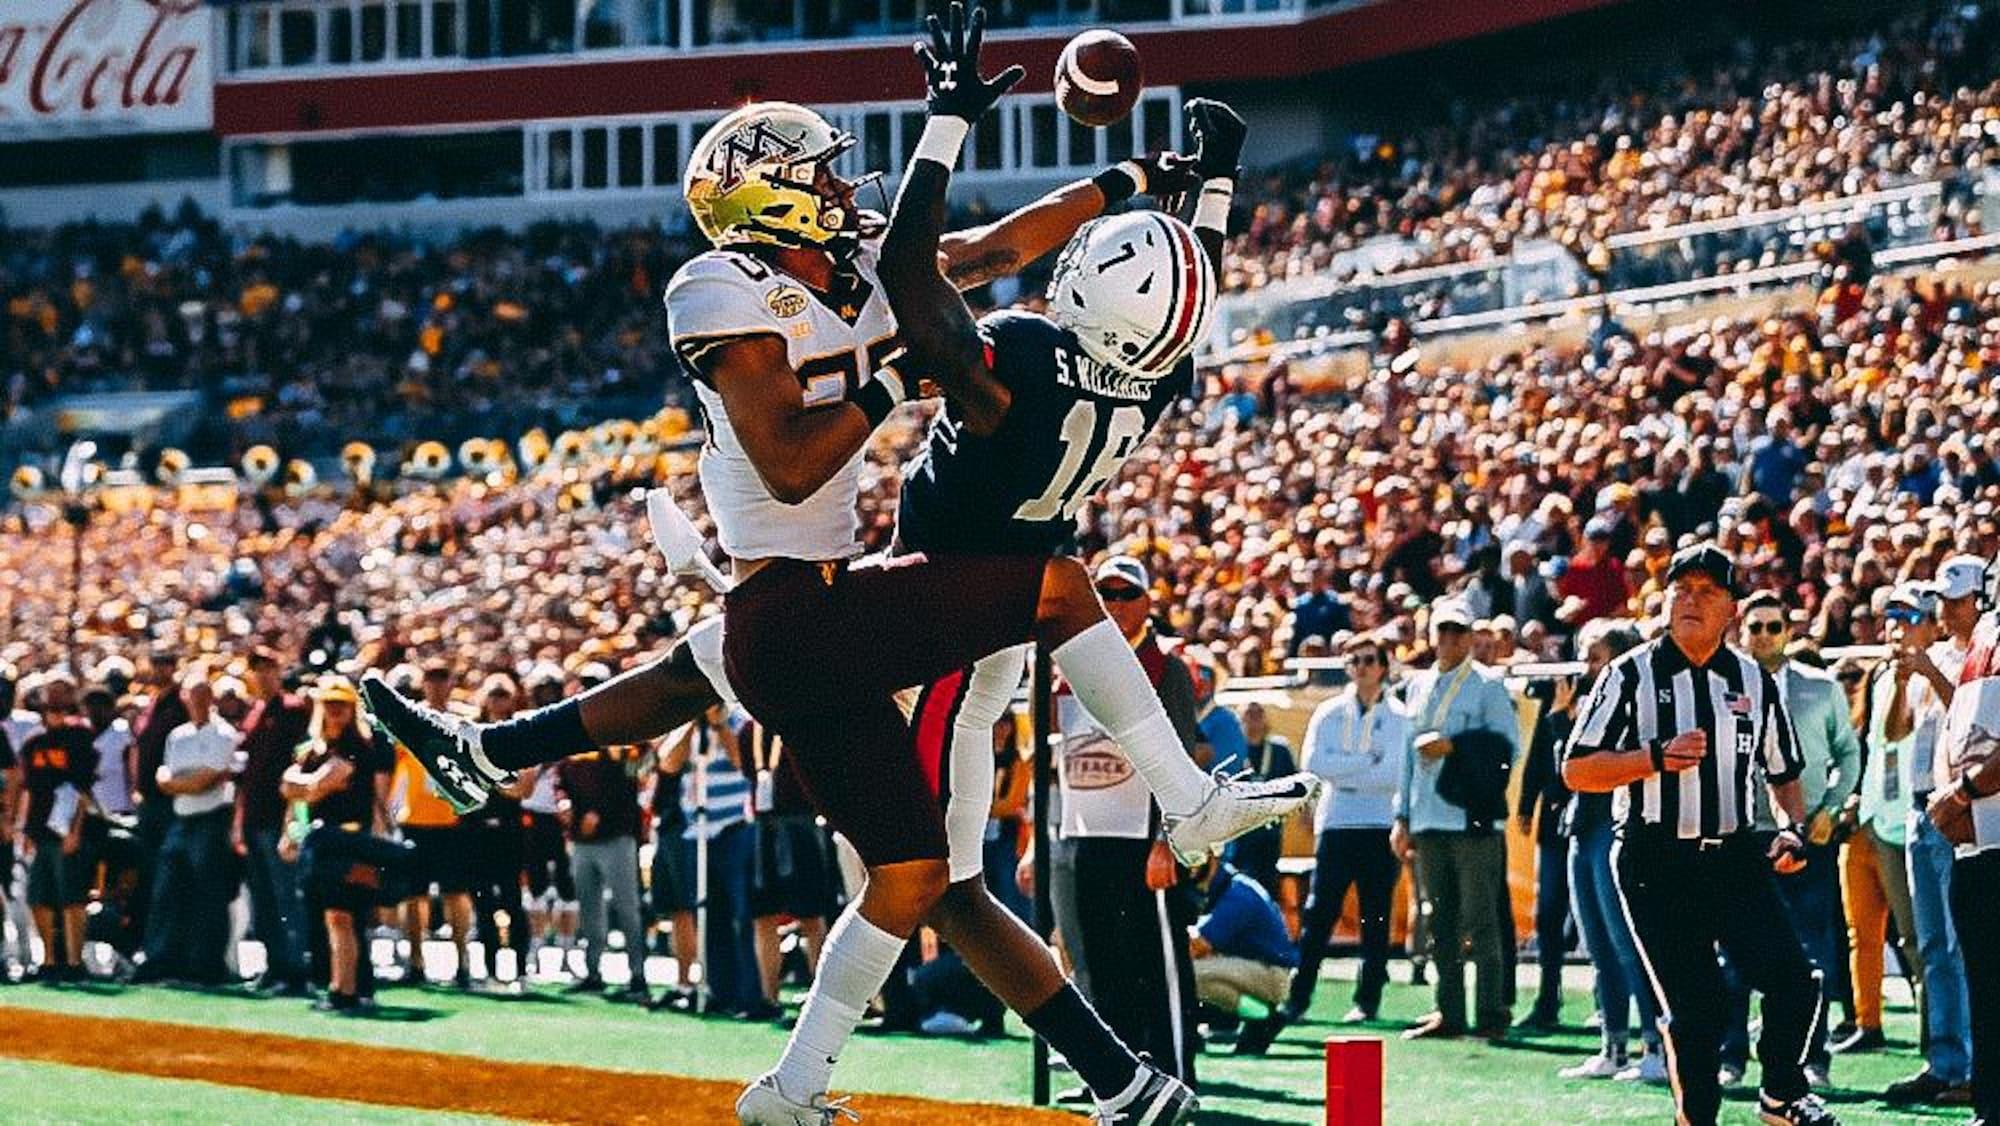 Benjamin St-Juste rabat une passe destinée au receveur Seth Williams (no 18), des Tigers de l'Université Auburn, pendant le Outback Bowl, le 1er janvier 2020.